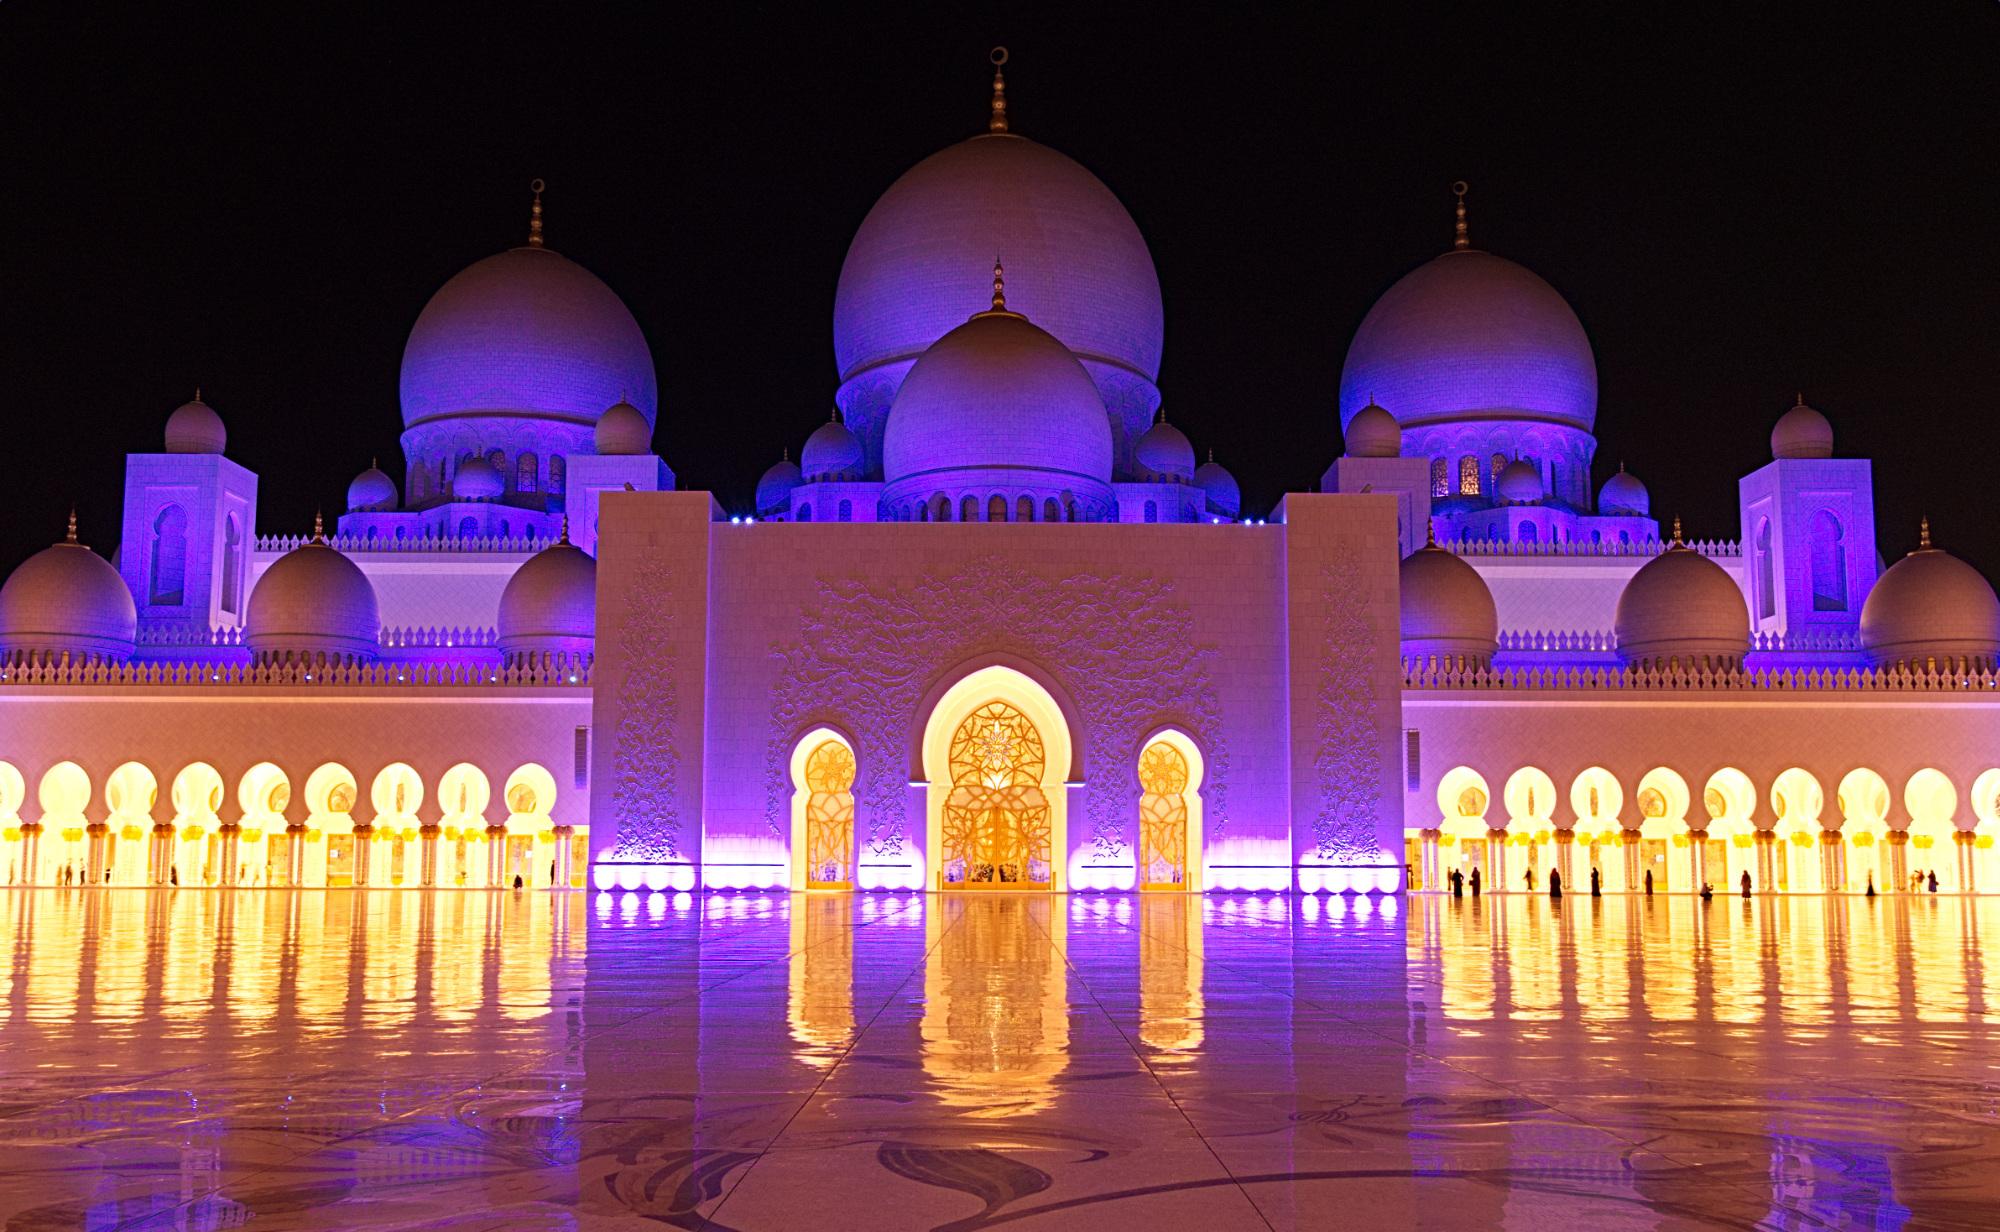 Innenhof der Scheich Zayid-Moschee nach Einbruch der Dunkelheit